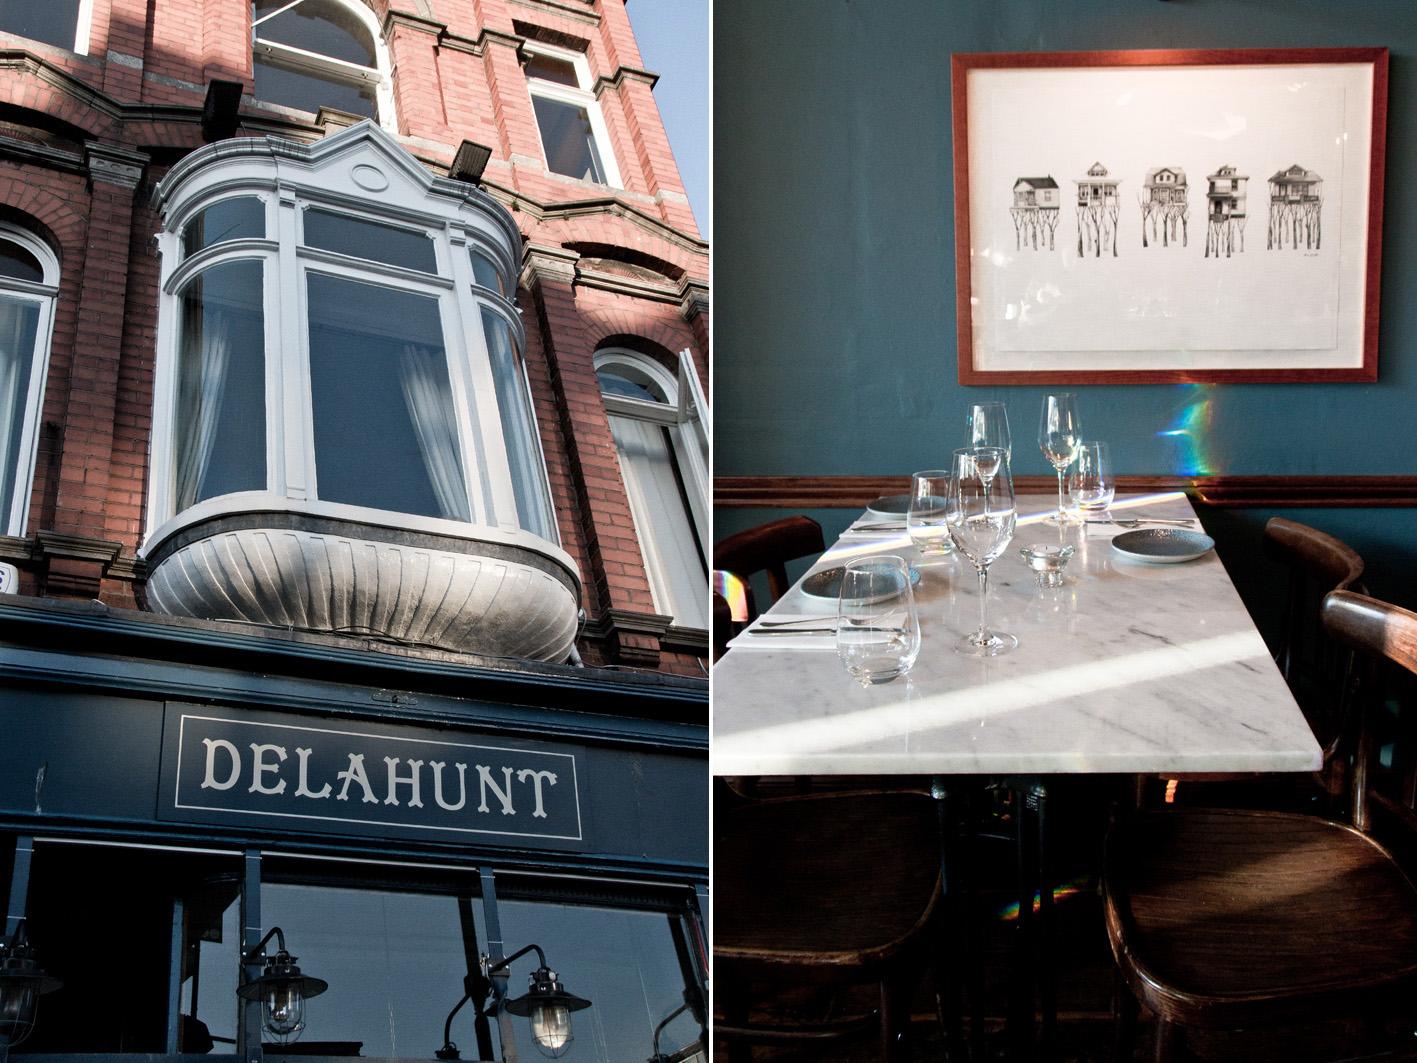 Delahunt Restaurant in Dublin